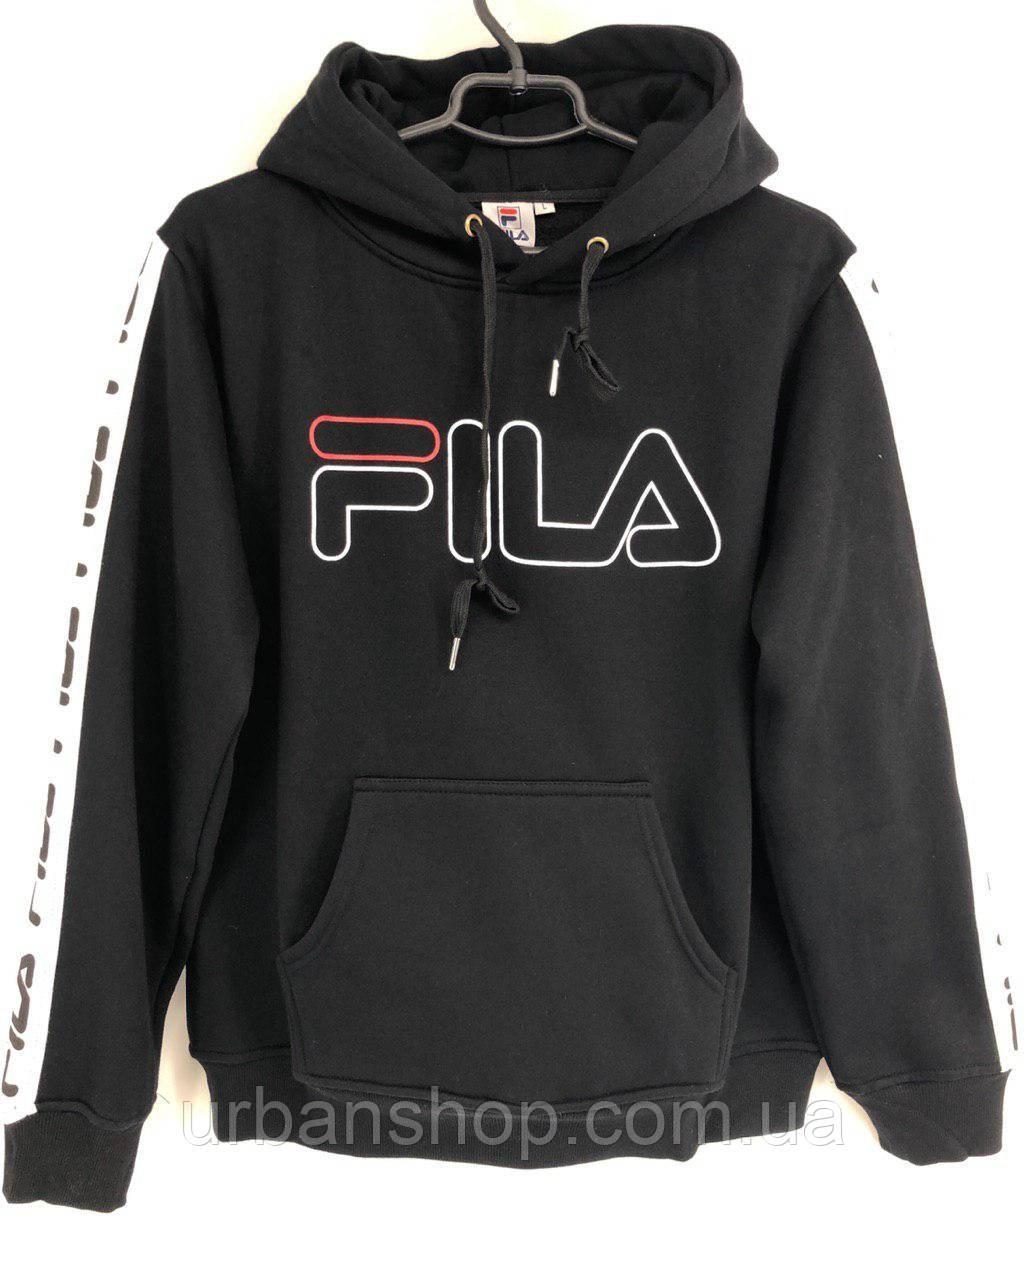 Худі FILA winter XL